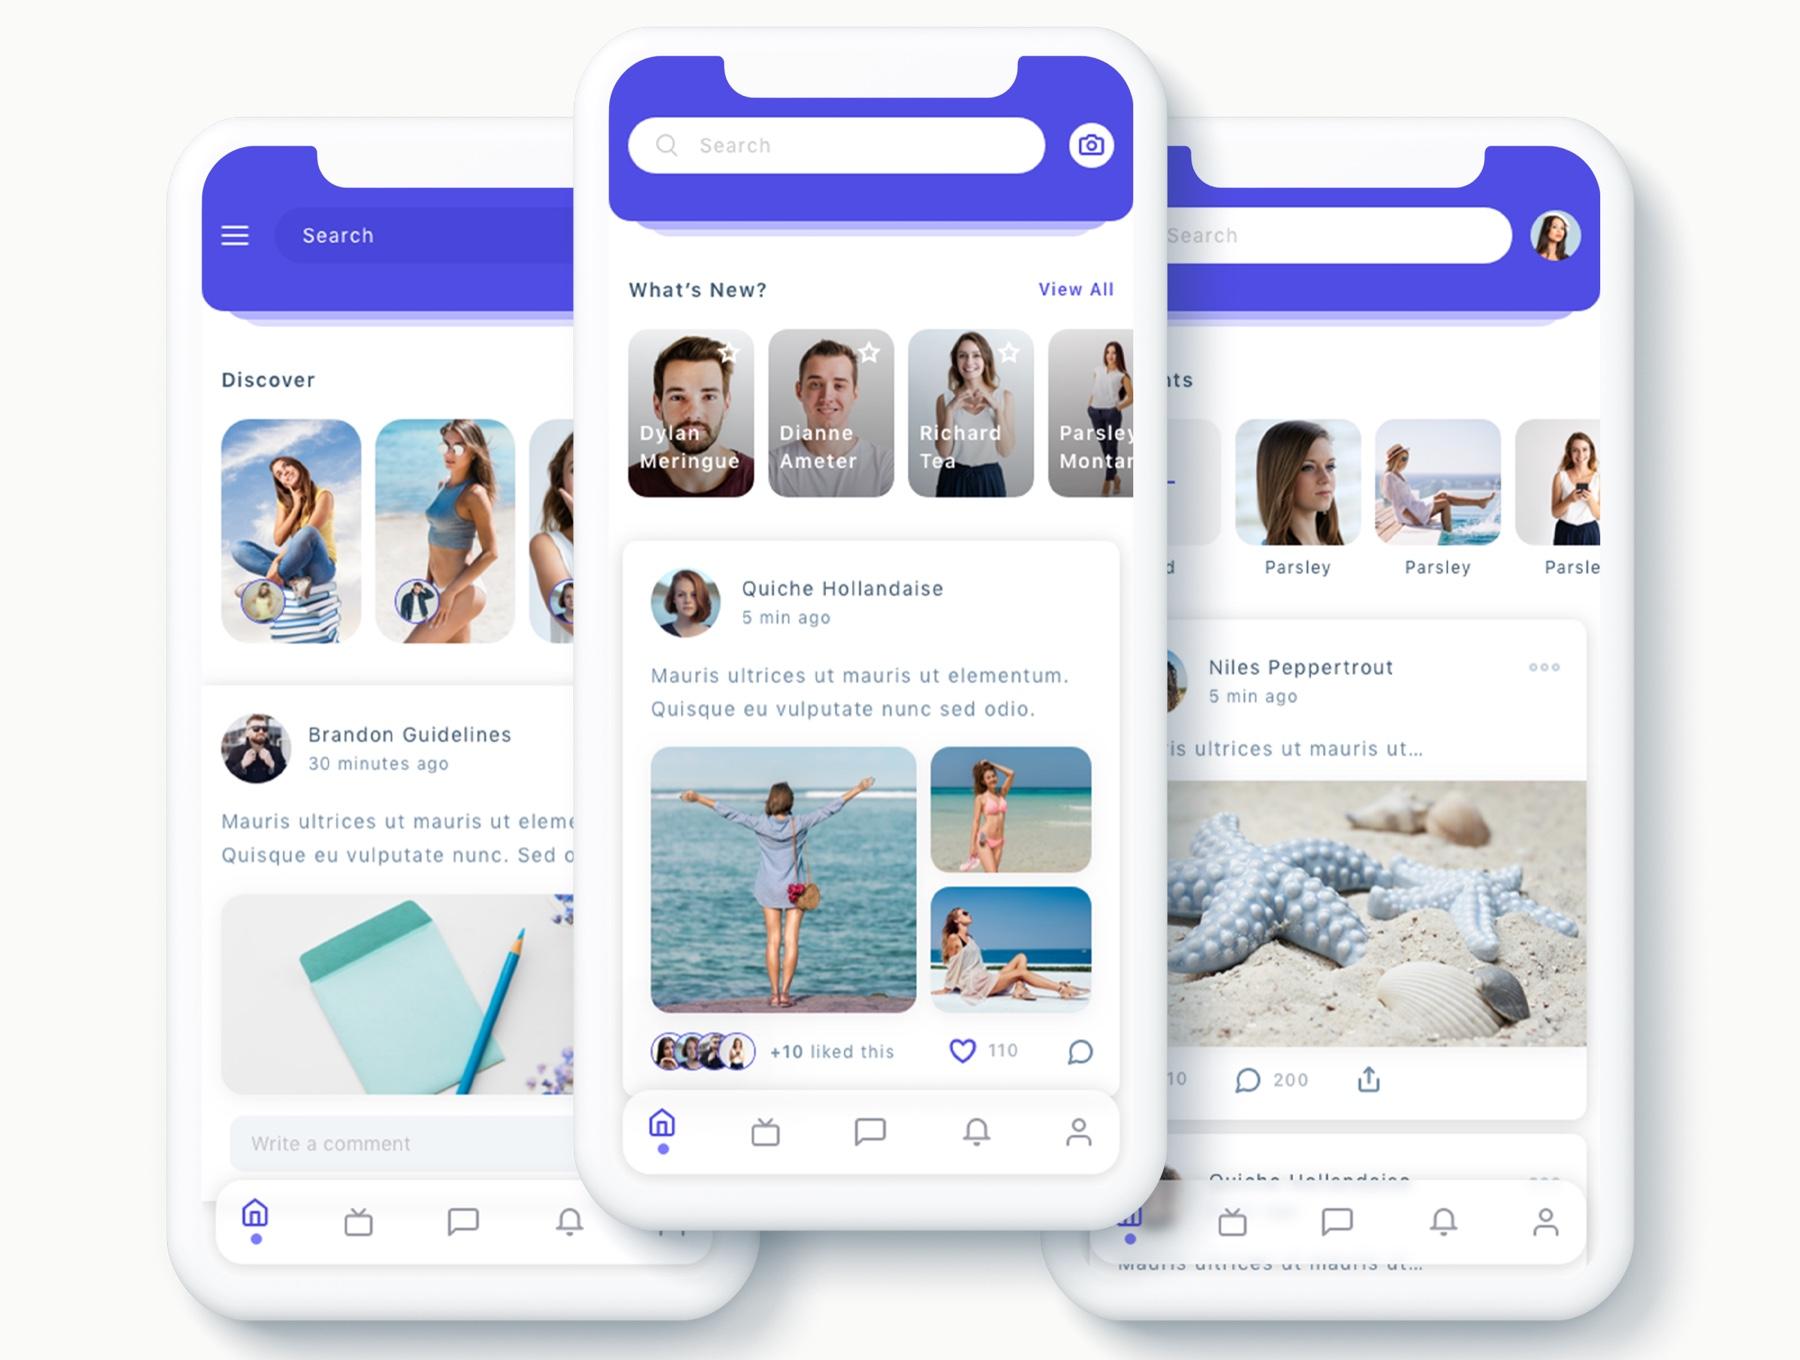 交友社交APP应用界面社交UI套件 Susen – Social Network App UI Kit插图(1)